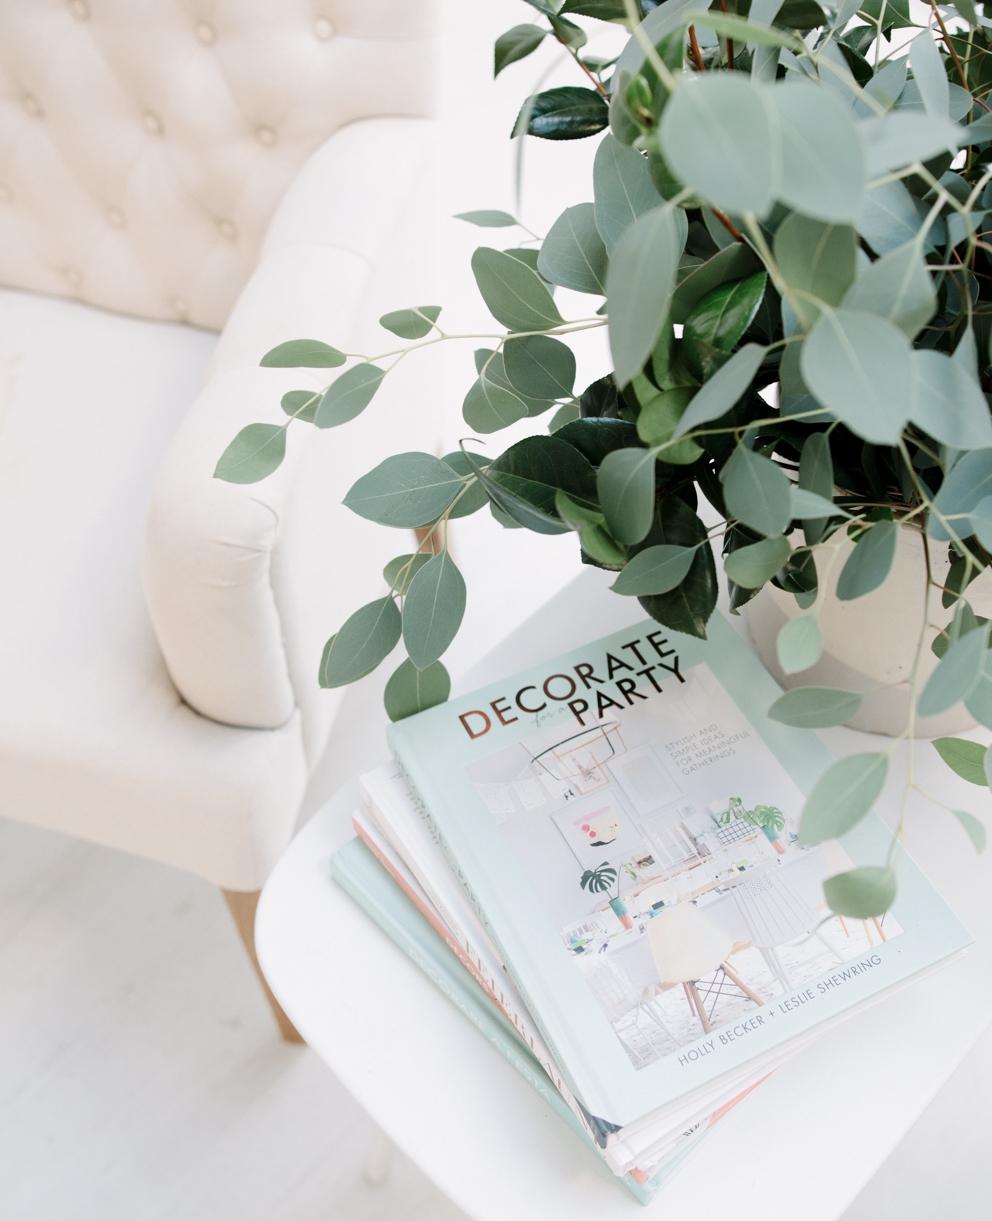 decor8-book-party-26.jpg